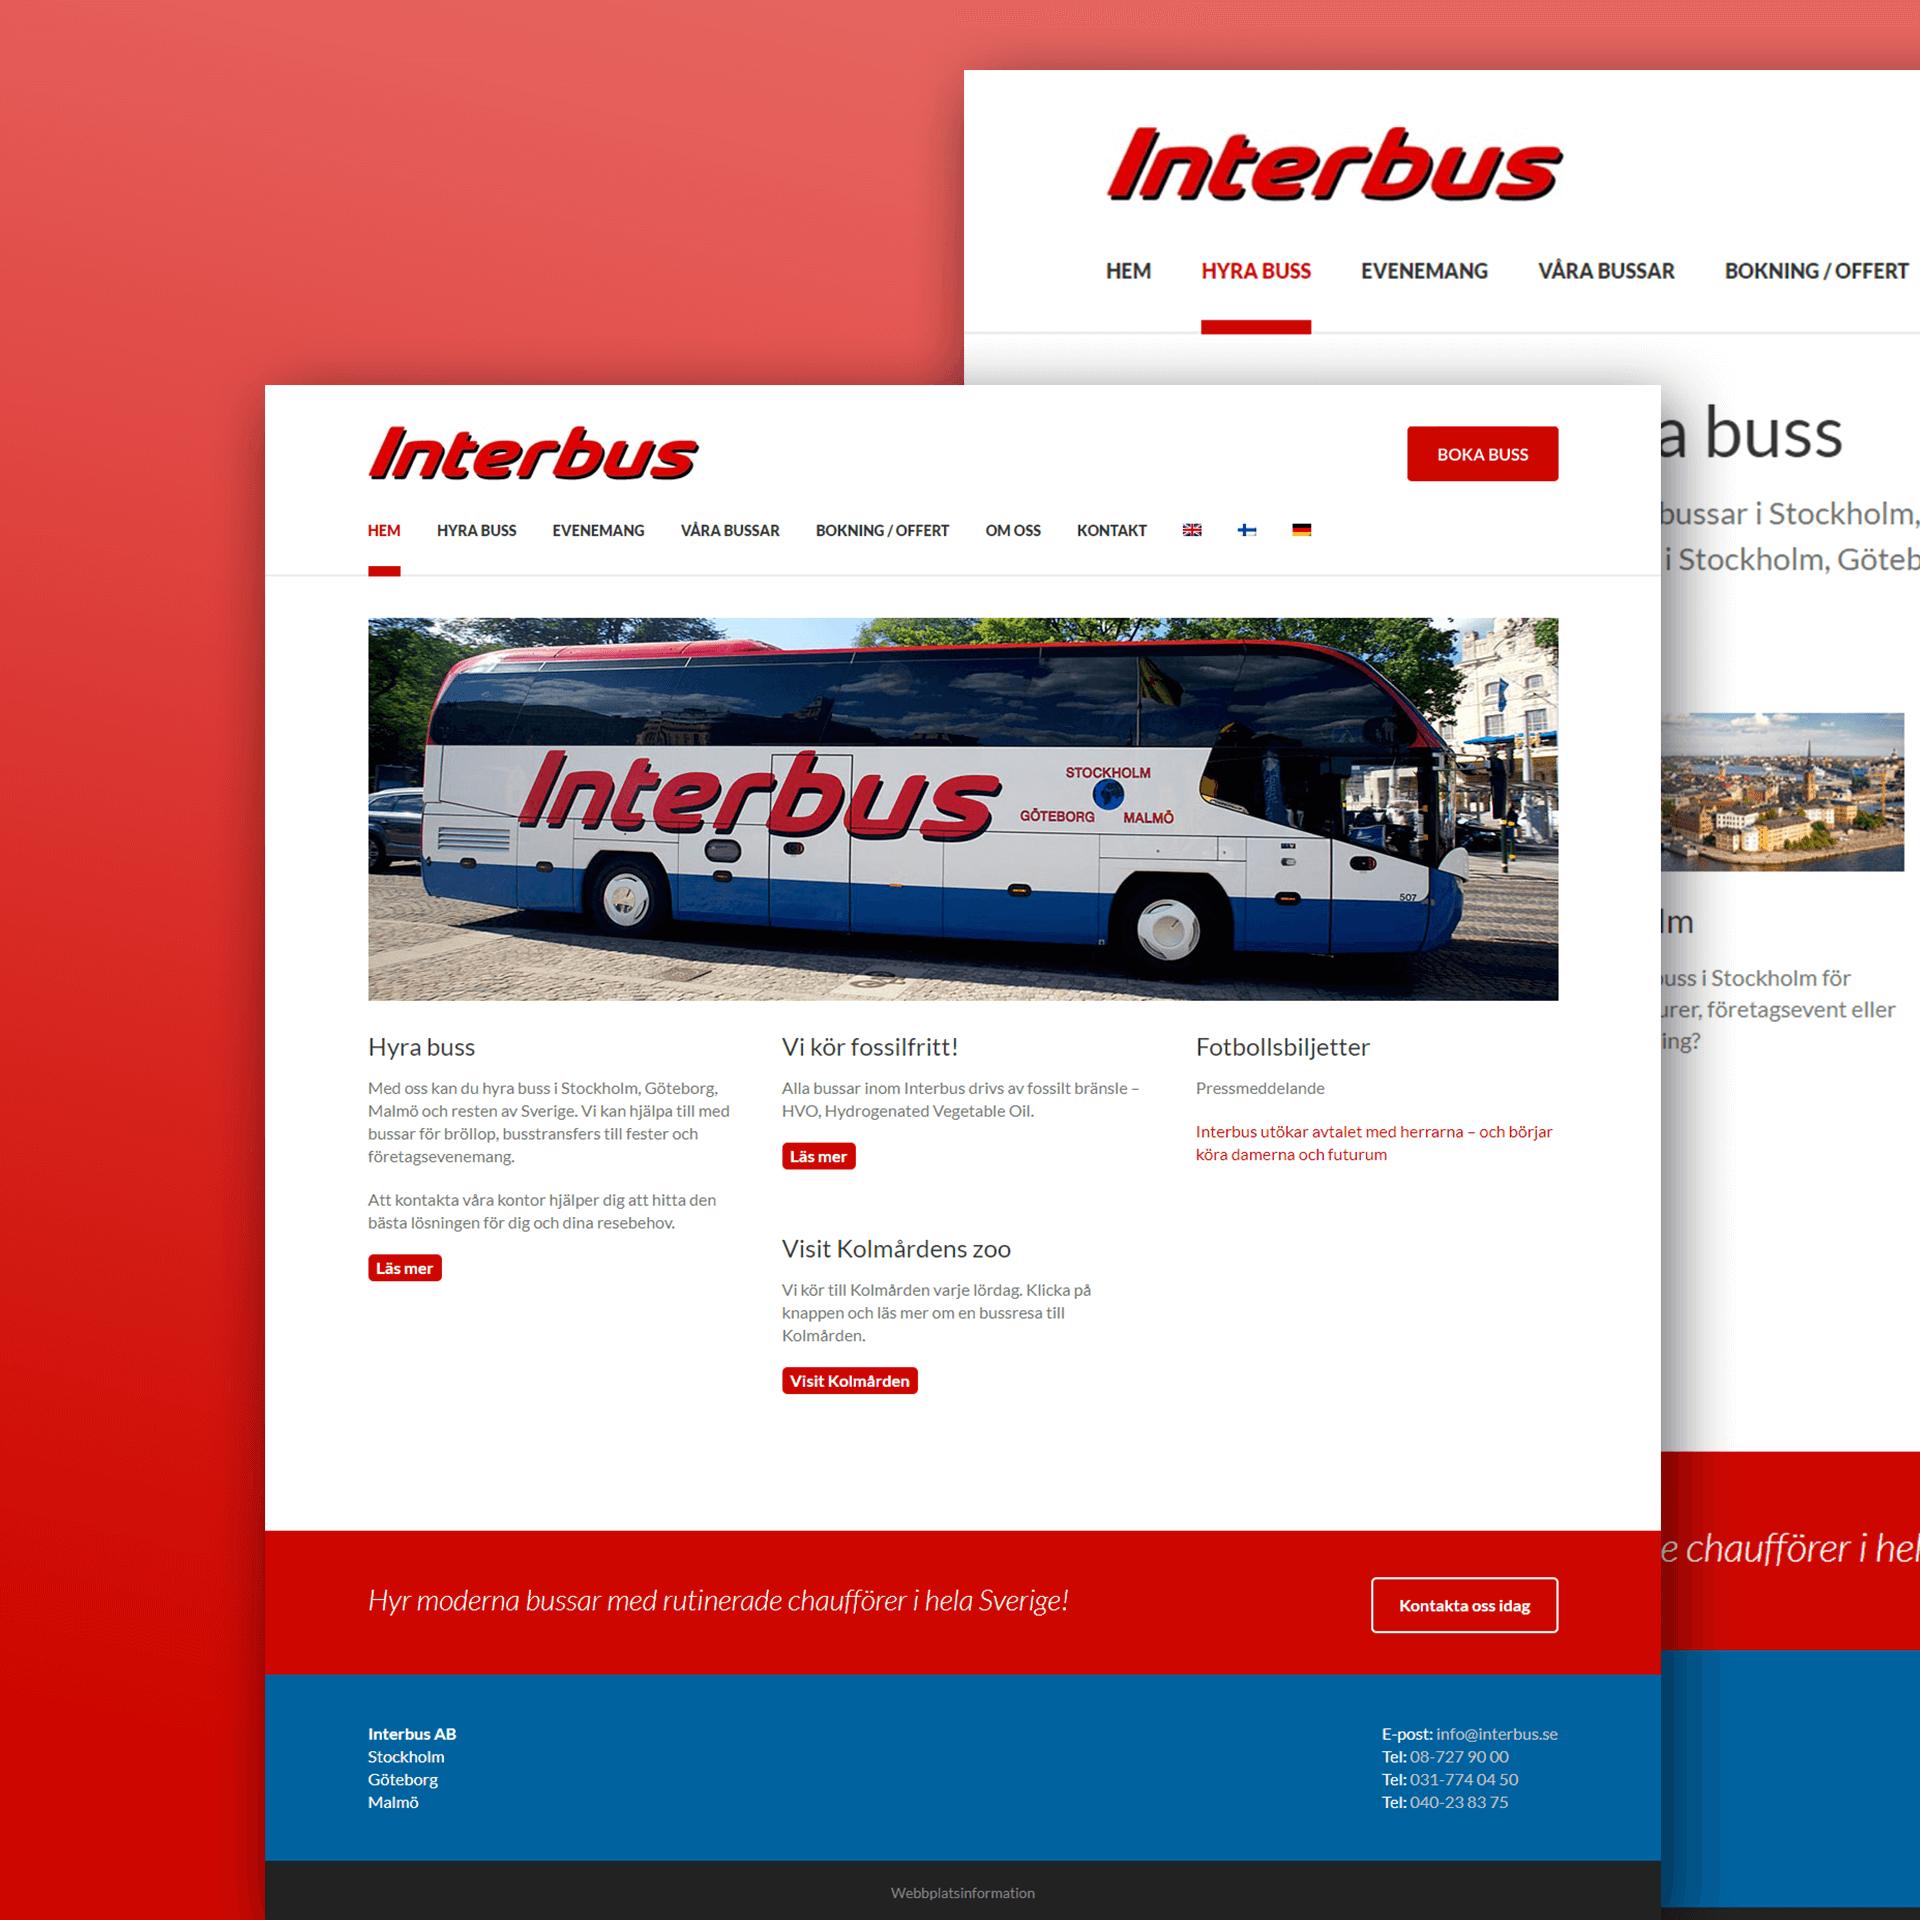 interbus.se